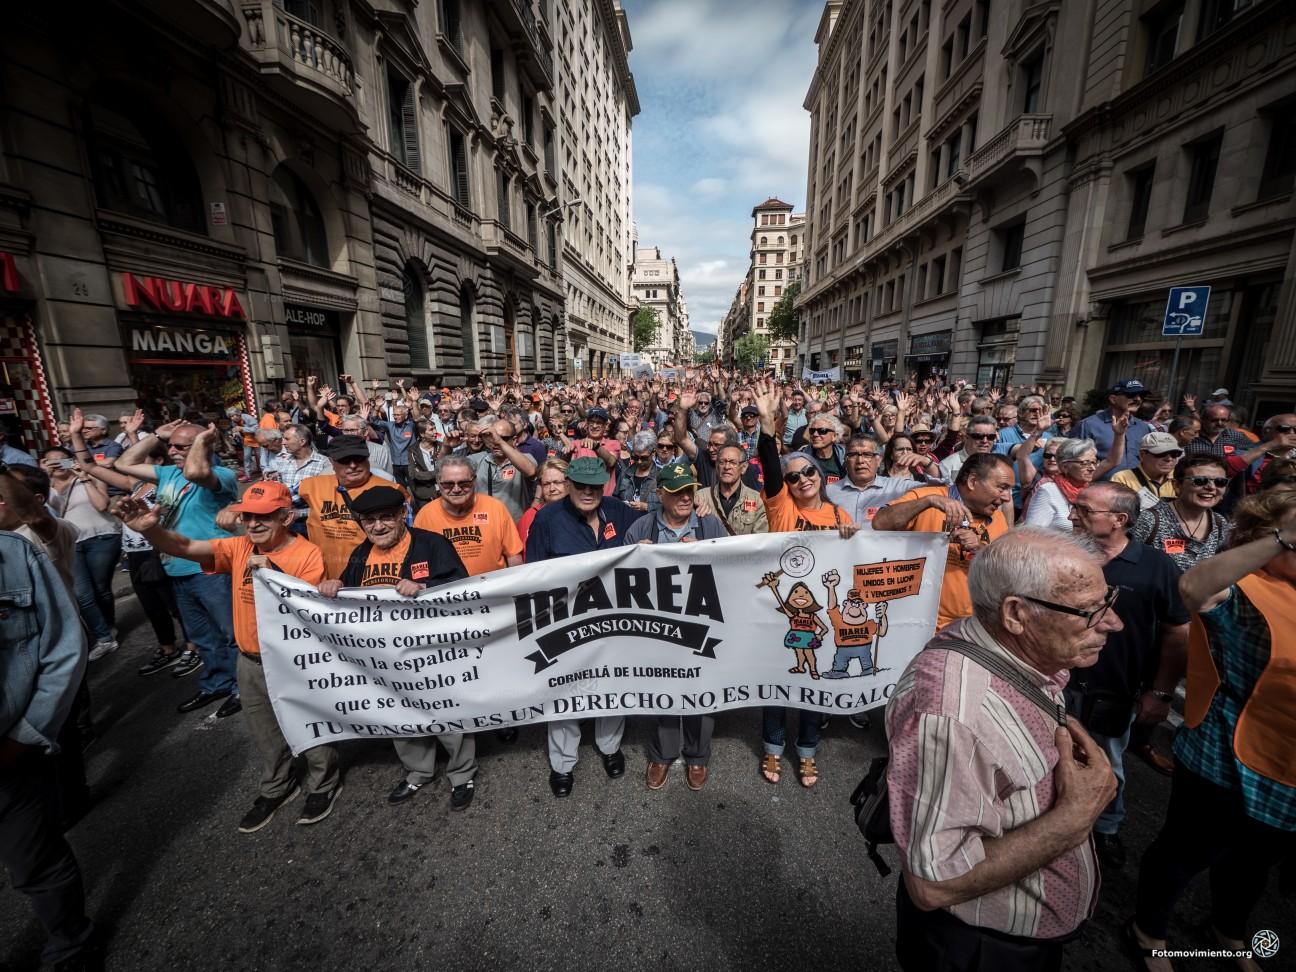 Manifestatie voor de pensioenen in Spanje. (Foto Jorge Lizana / Fotomovimiento)